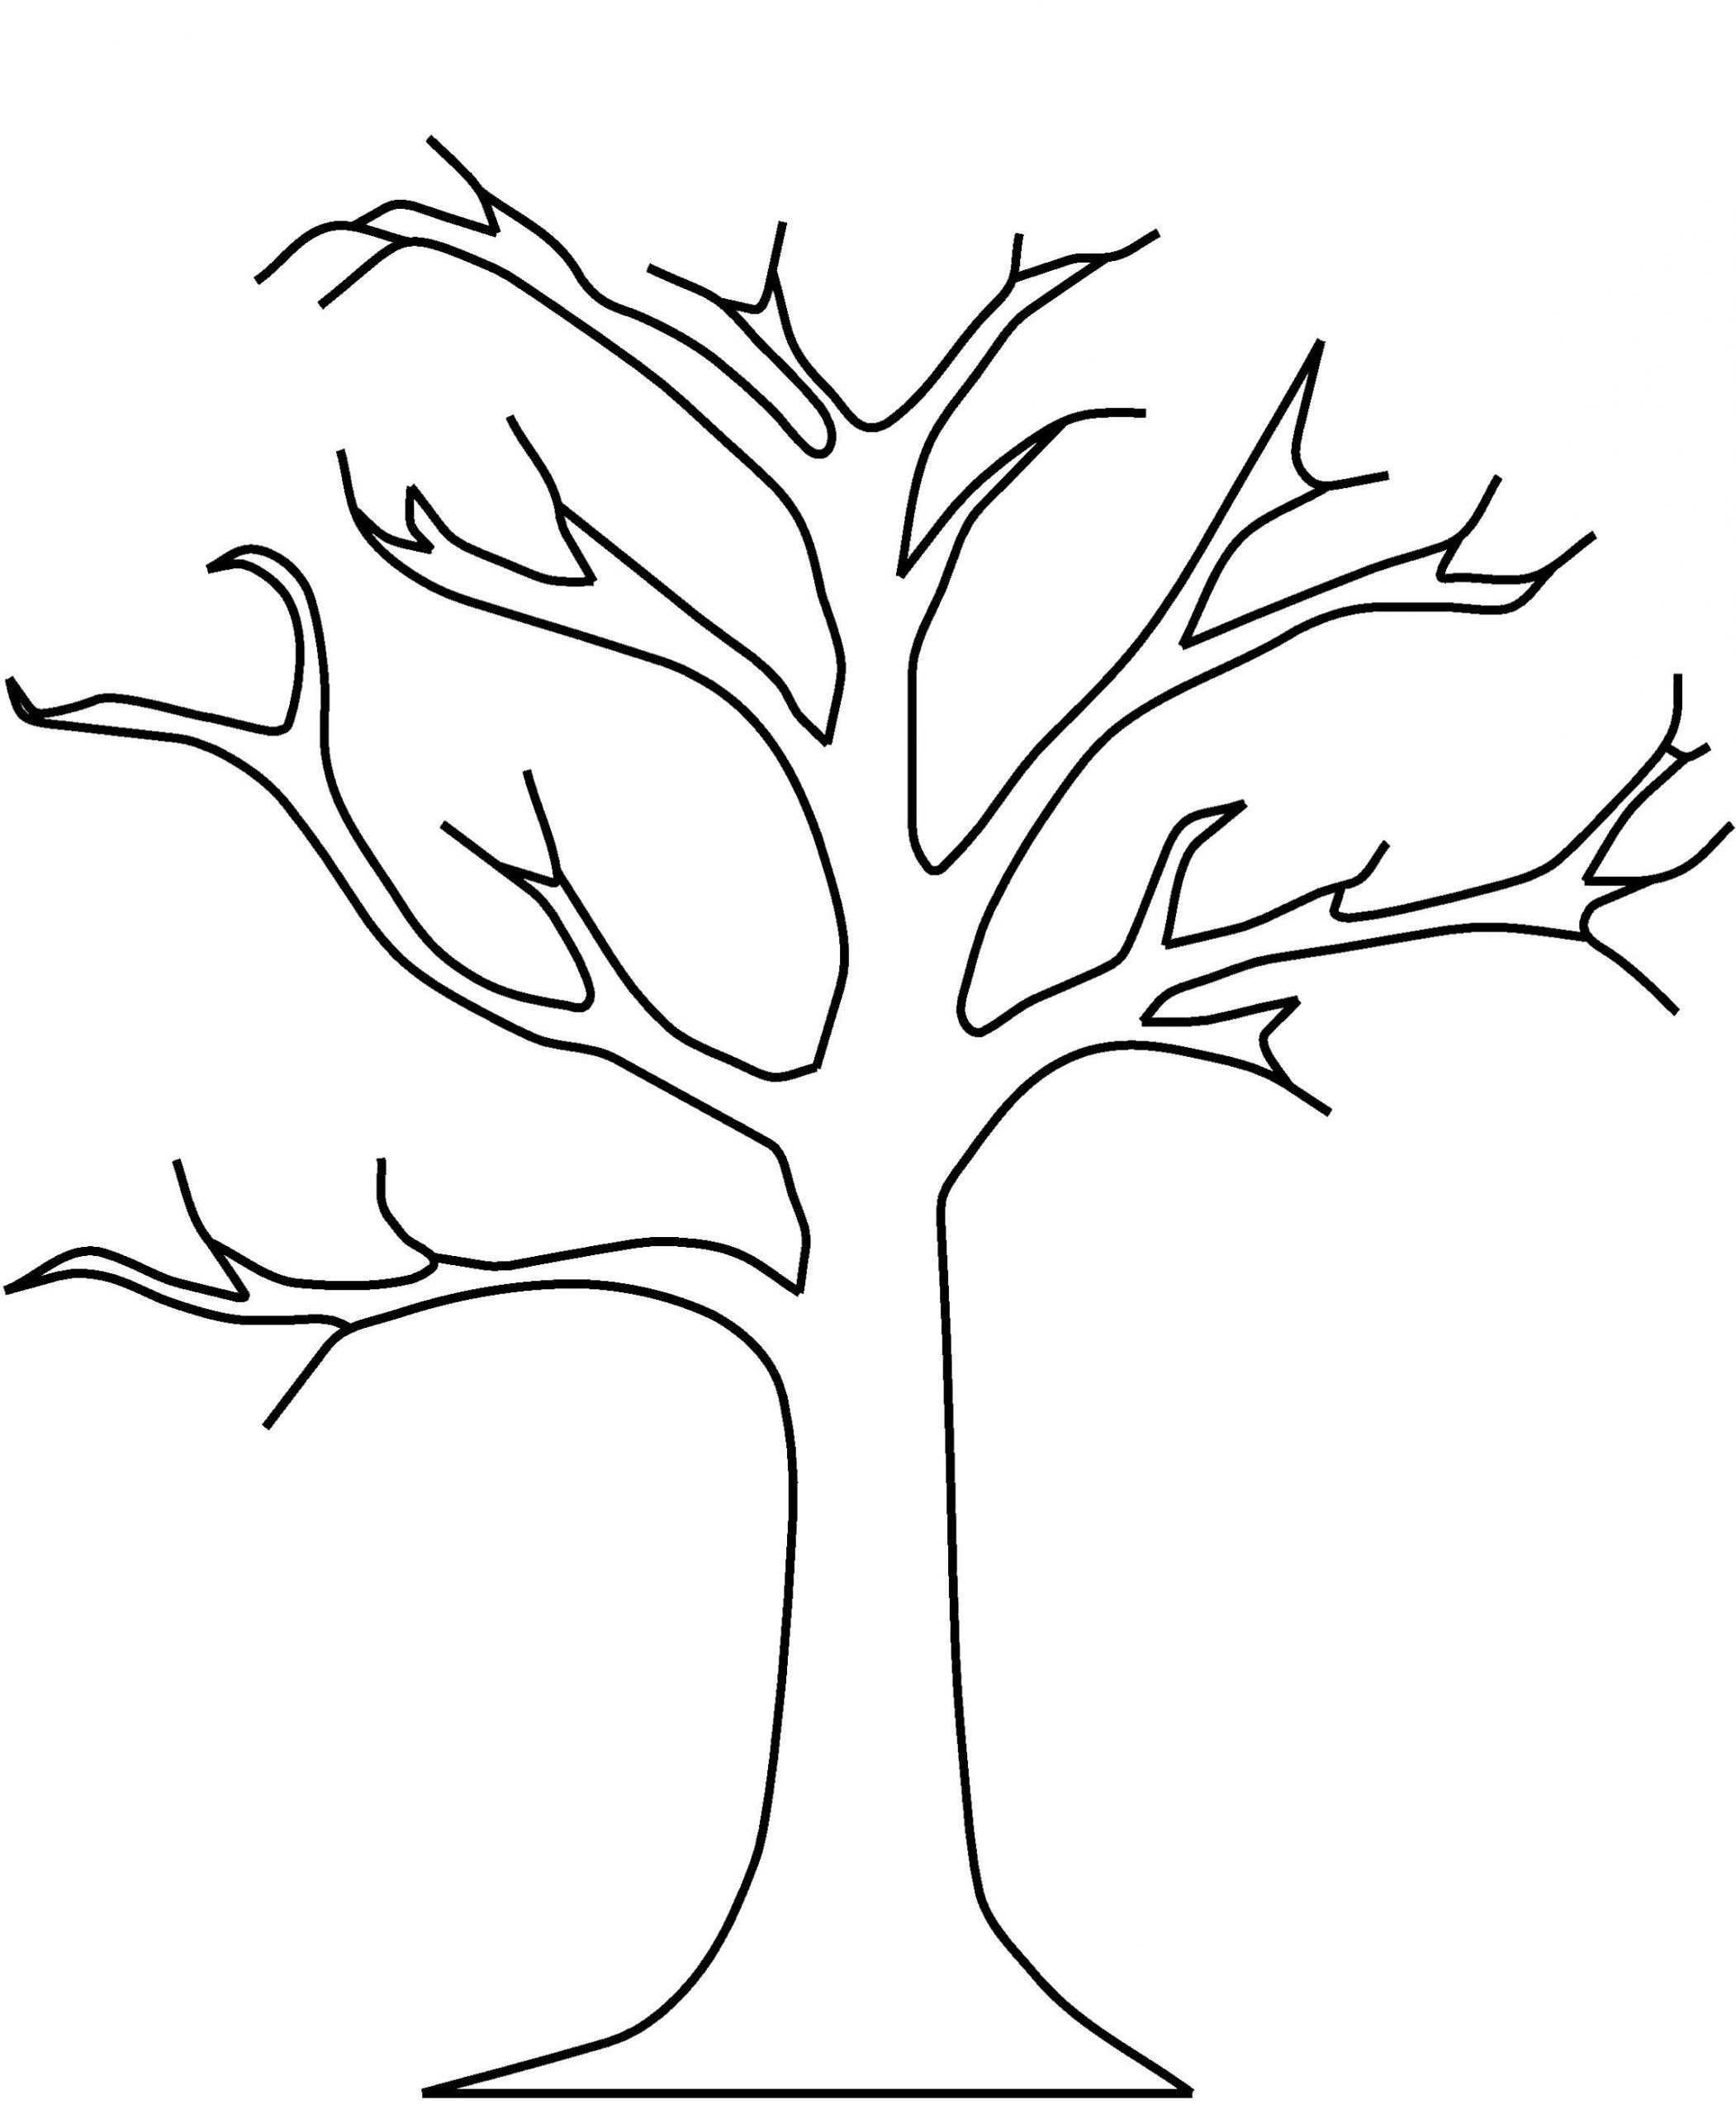 Malvorlagen Baum Baum Vorlage Blattschablone Malvorlagen